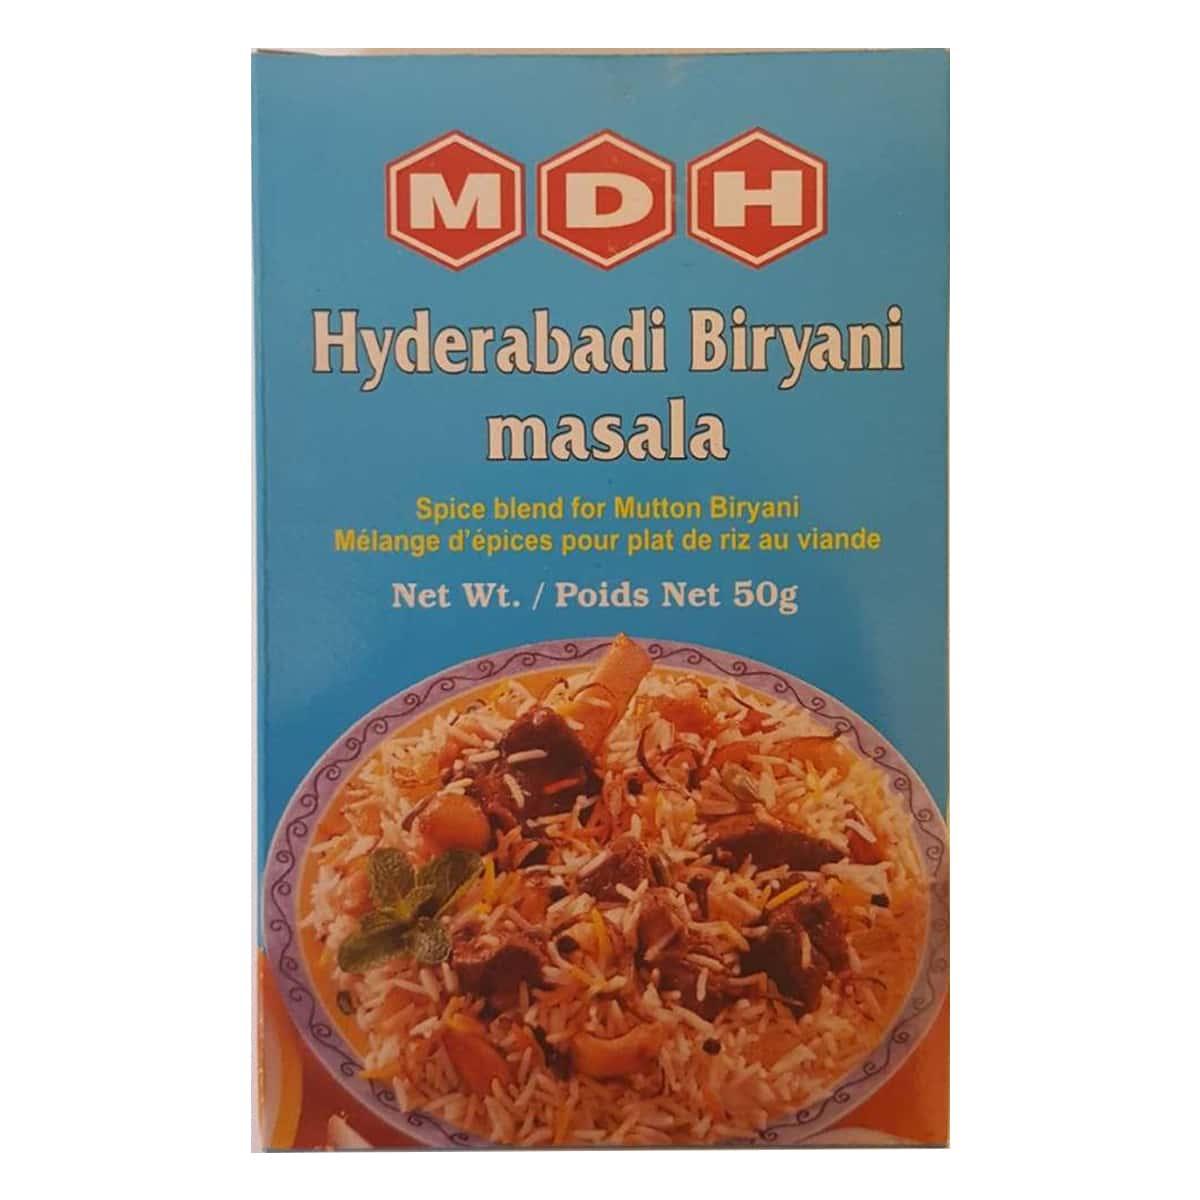 Buy MDH Hyderabadi Biryani Masala - 50 gm